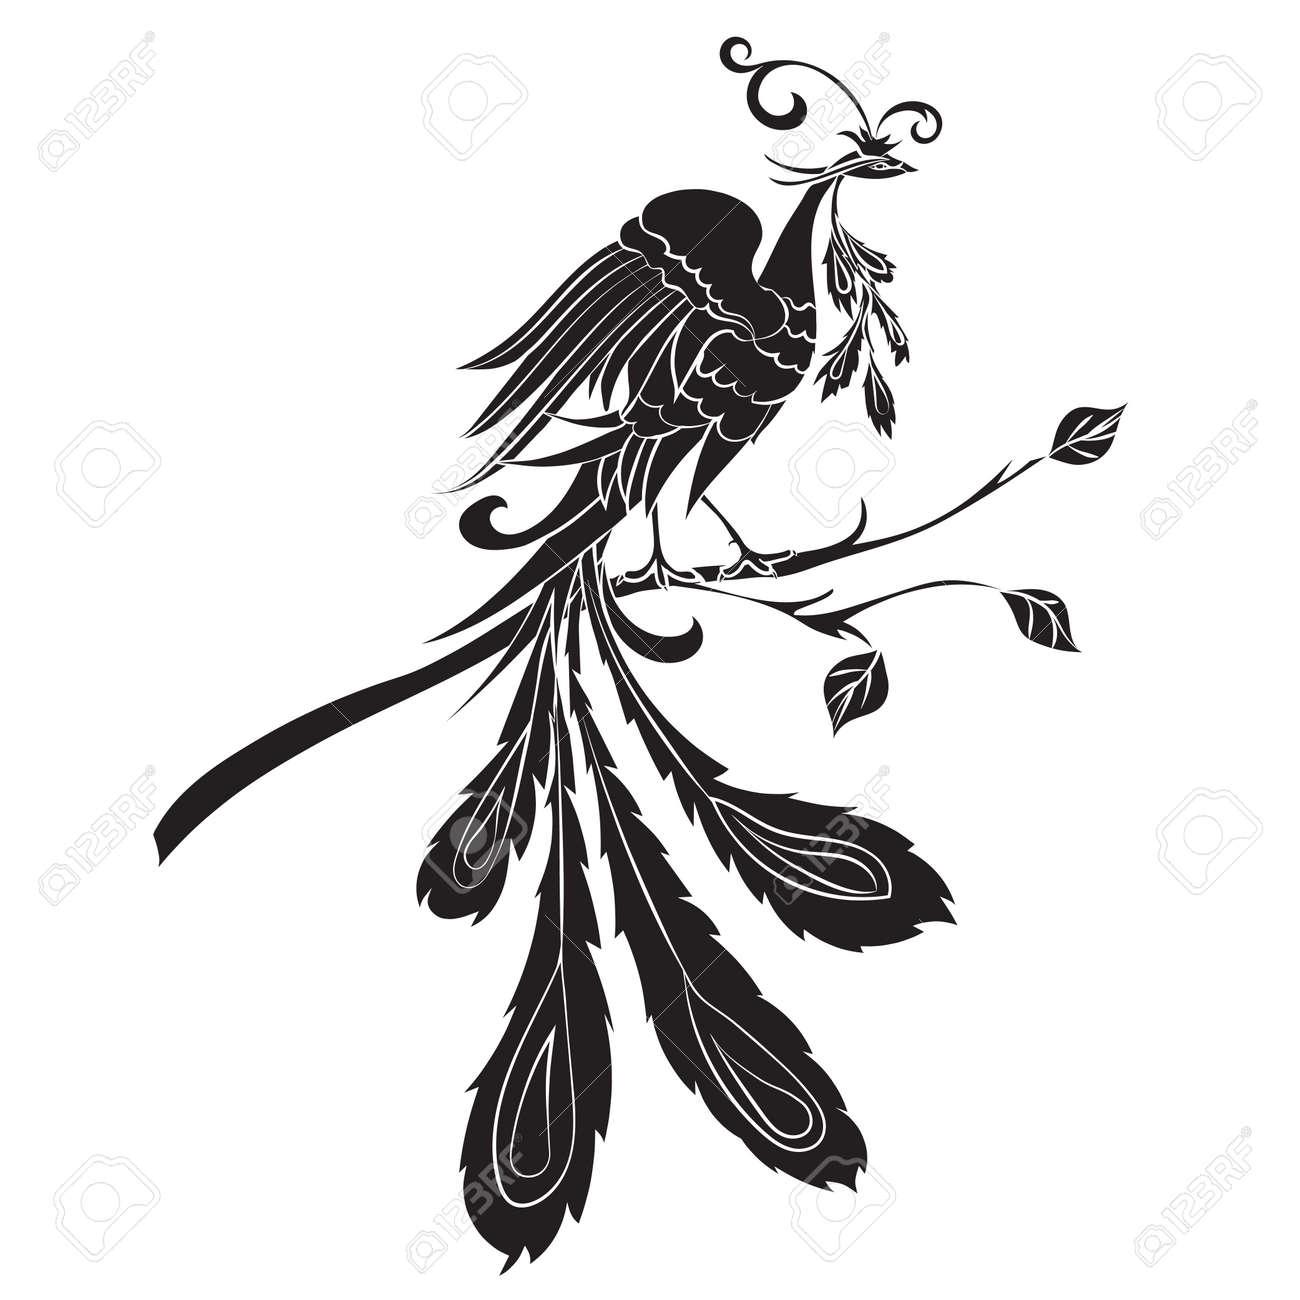 Silhouette Noire Feu Oiseaux Sont Sur Un Fond Blanc Vector Illustration Dessin Oiseau Ornement Décoré Dornements Abstraits